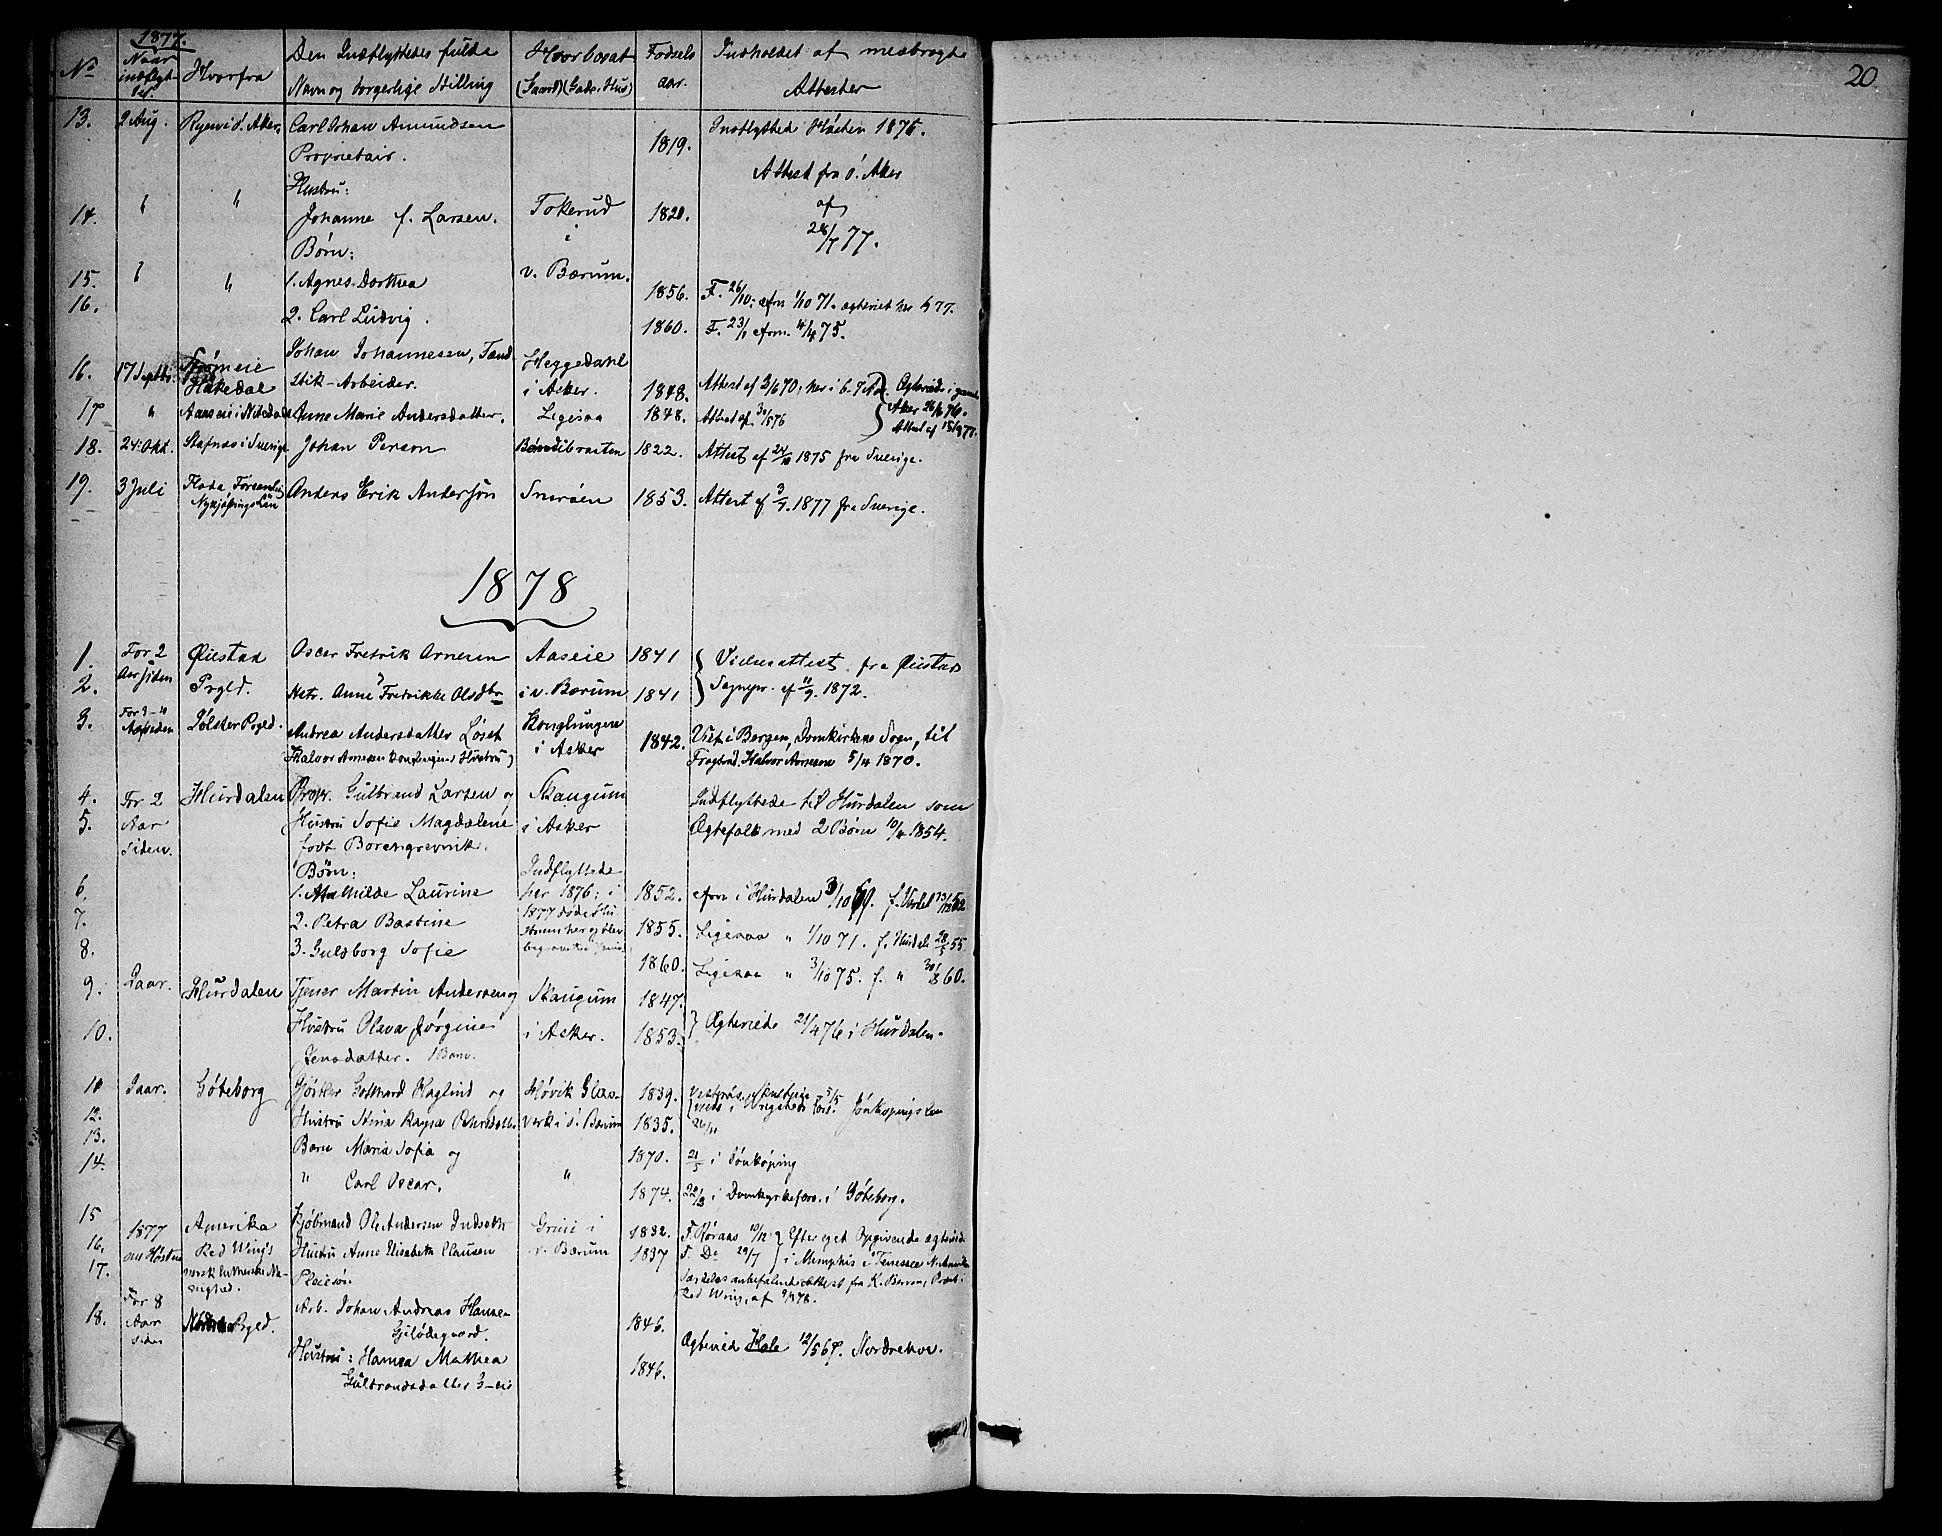 SAO, Asker prestekontor Kirkebøker, F/Fa/L0012: Ministerialbok nr. I 12, 1825-1878, s. 20